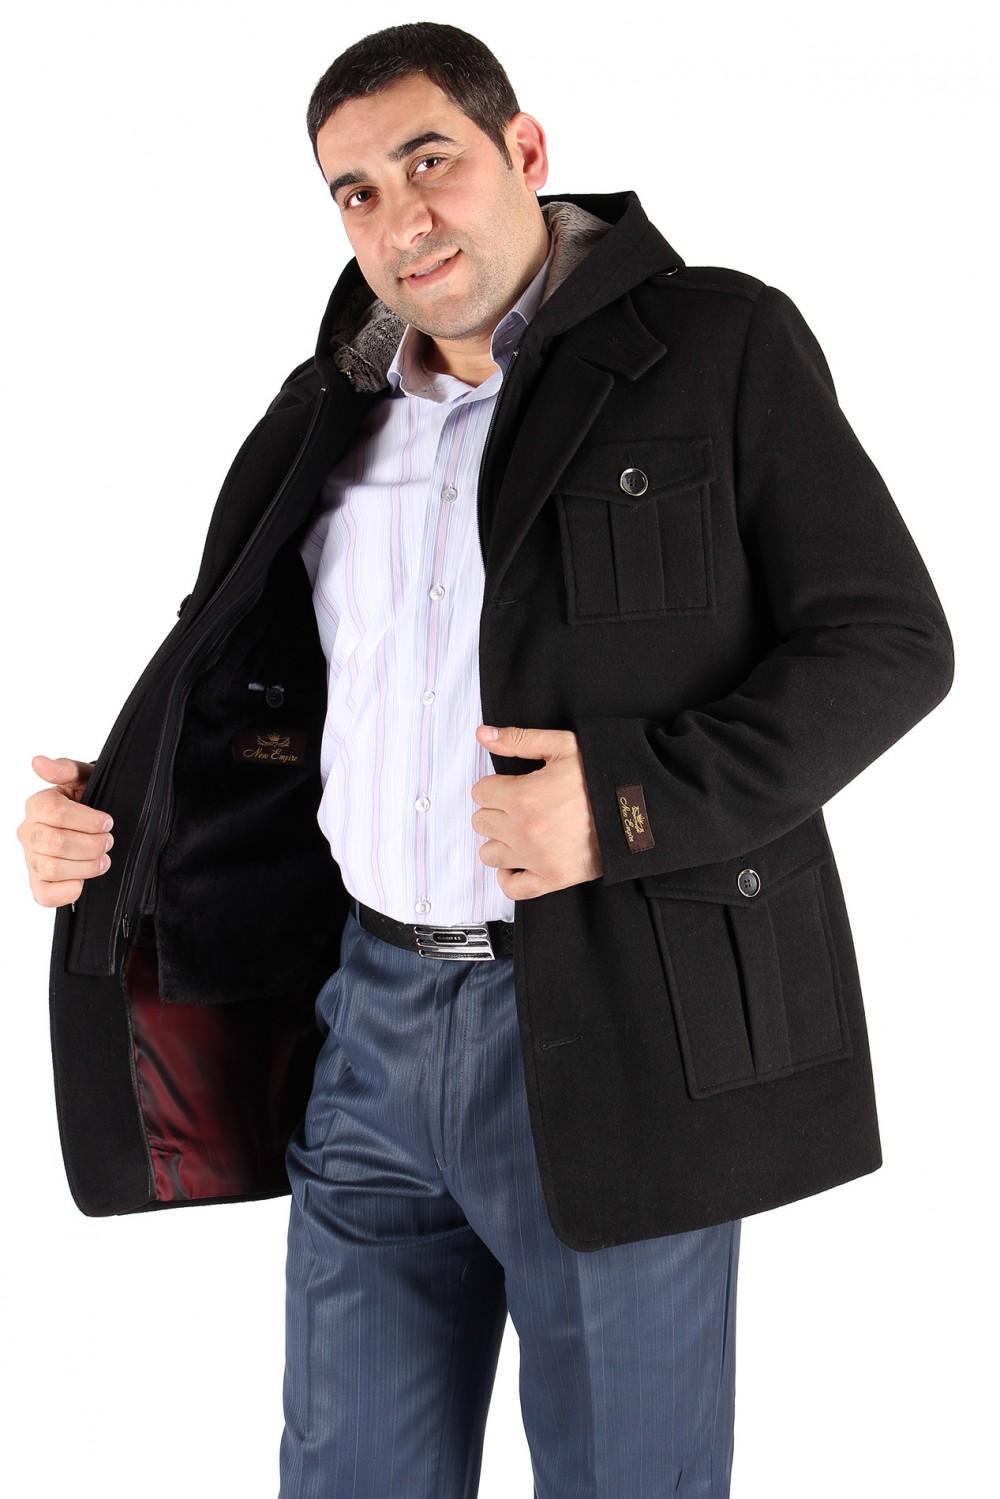 Купить Полупальто мужское черного цвета Кс-03Ch